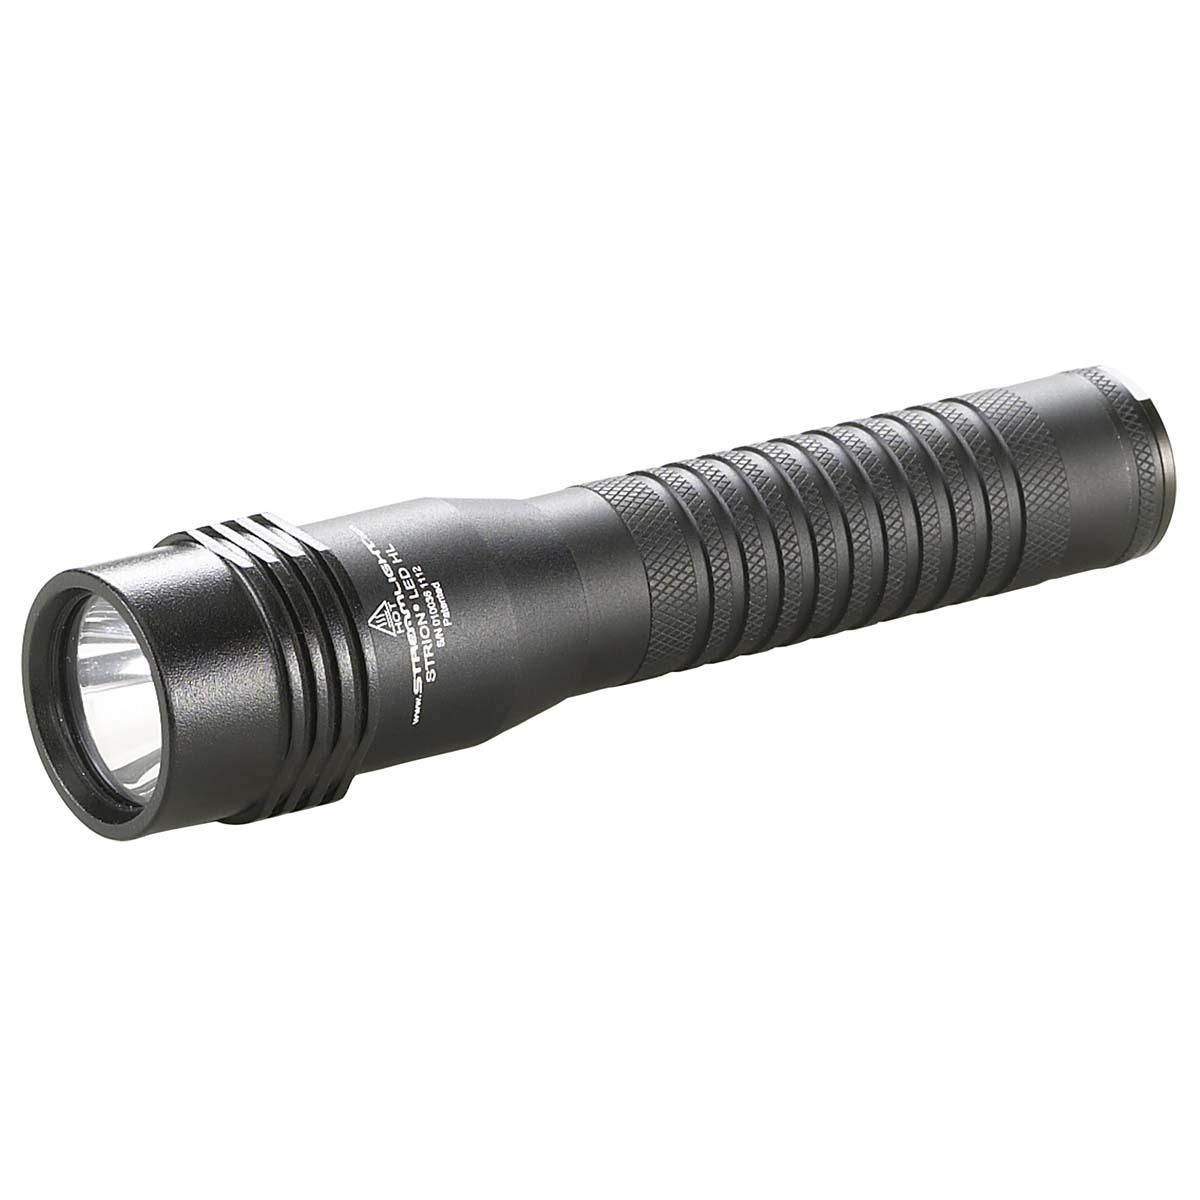 Strion LED HL - IEC Type A (120V/100V)AC/12V DC – 2 holders